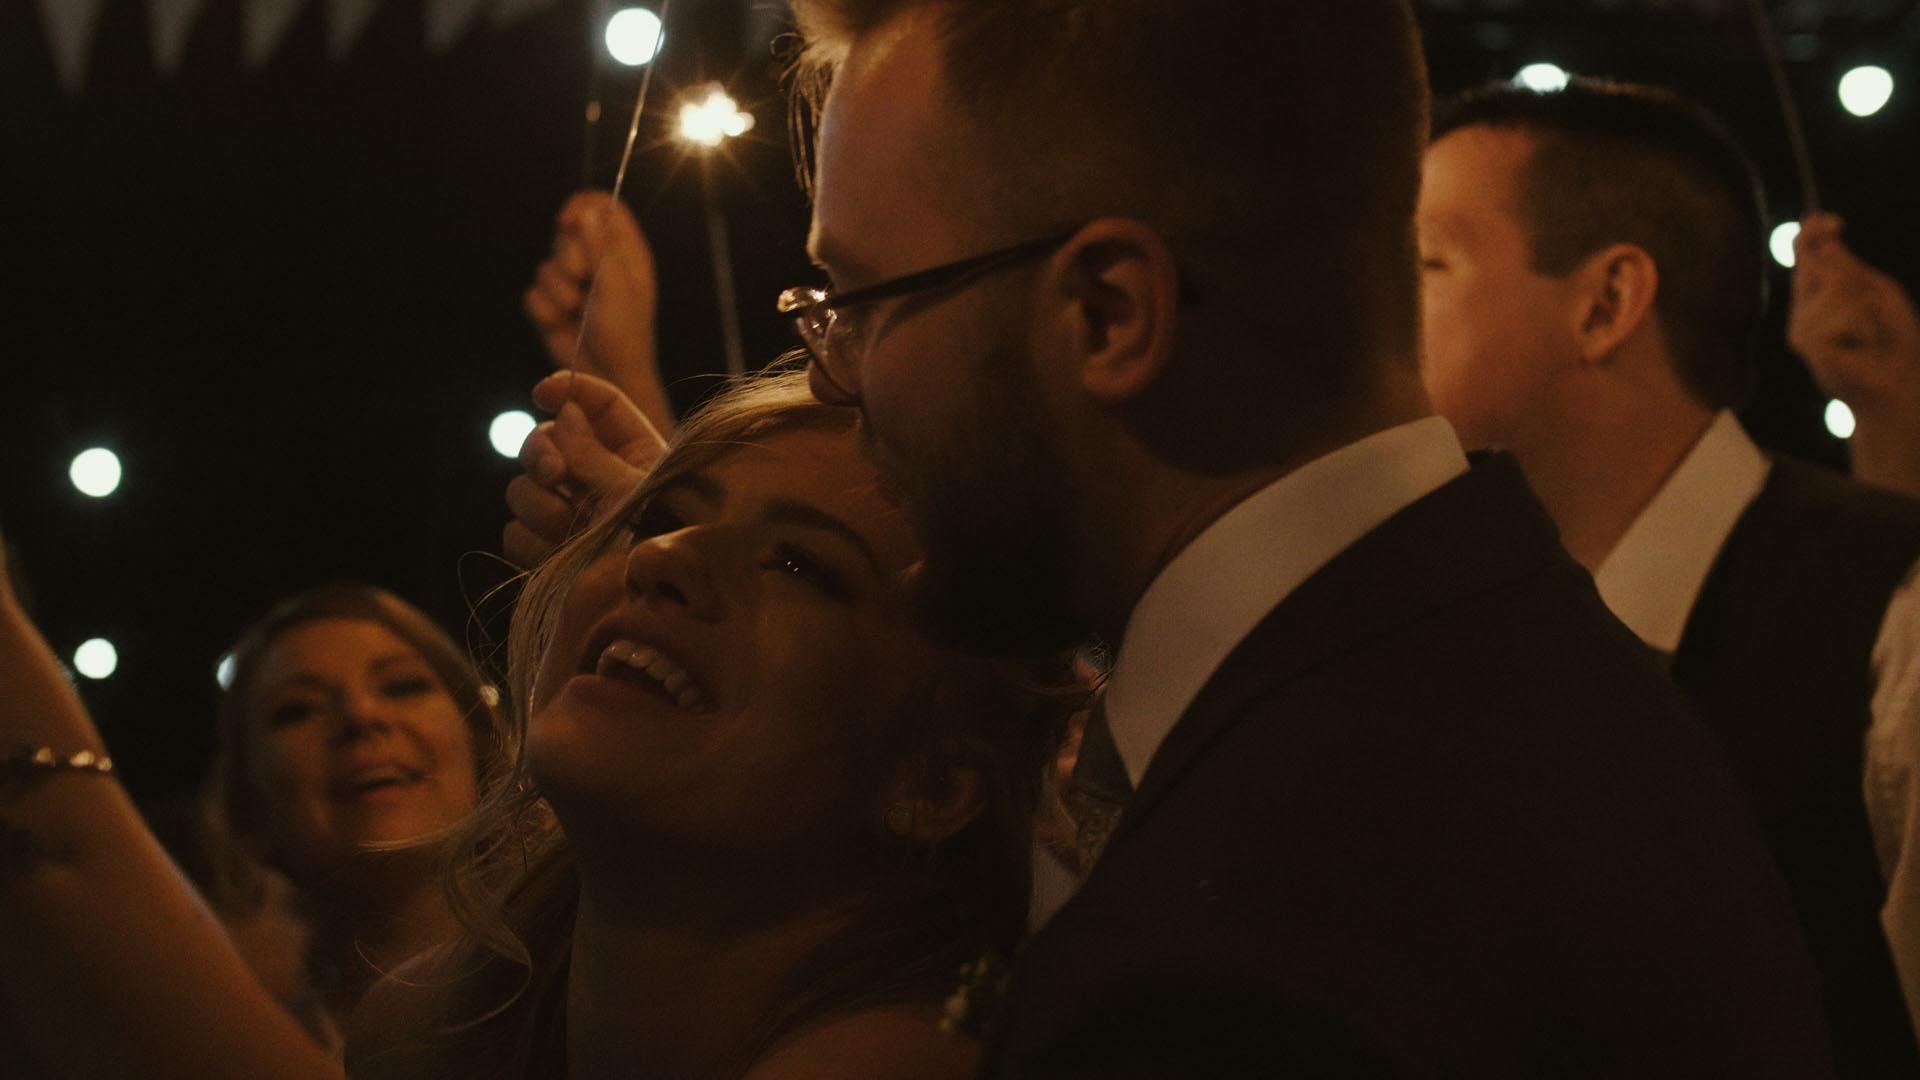 18 folwark ruchenka stodoła wesele ślub humanistyczny. film ślubny